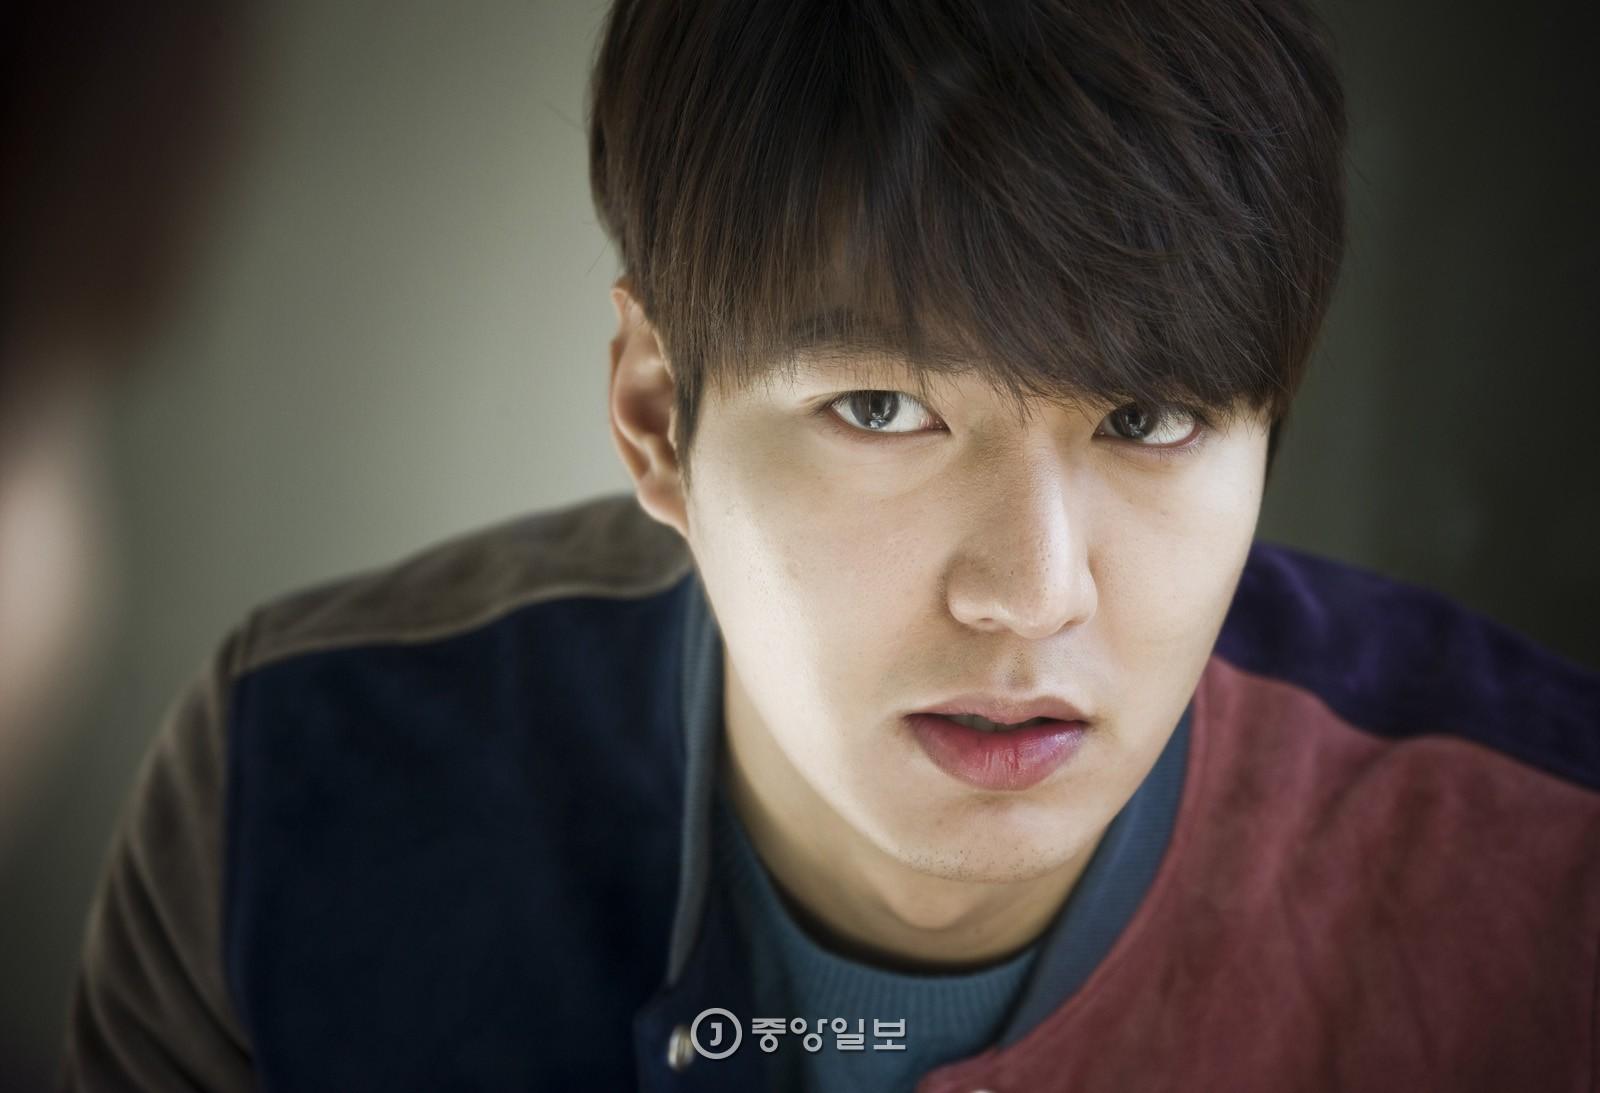 5 cặp diễn viên Hàn có tên giống hệt nhau: Kẻ bị lu mờ, người đổi đời với nghệ danh khác - Ảnh 3.